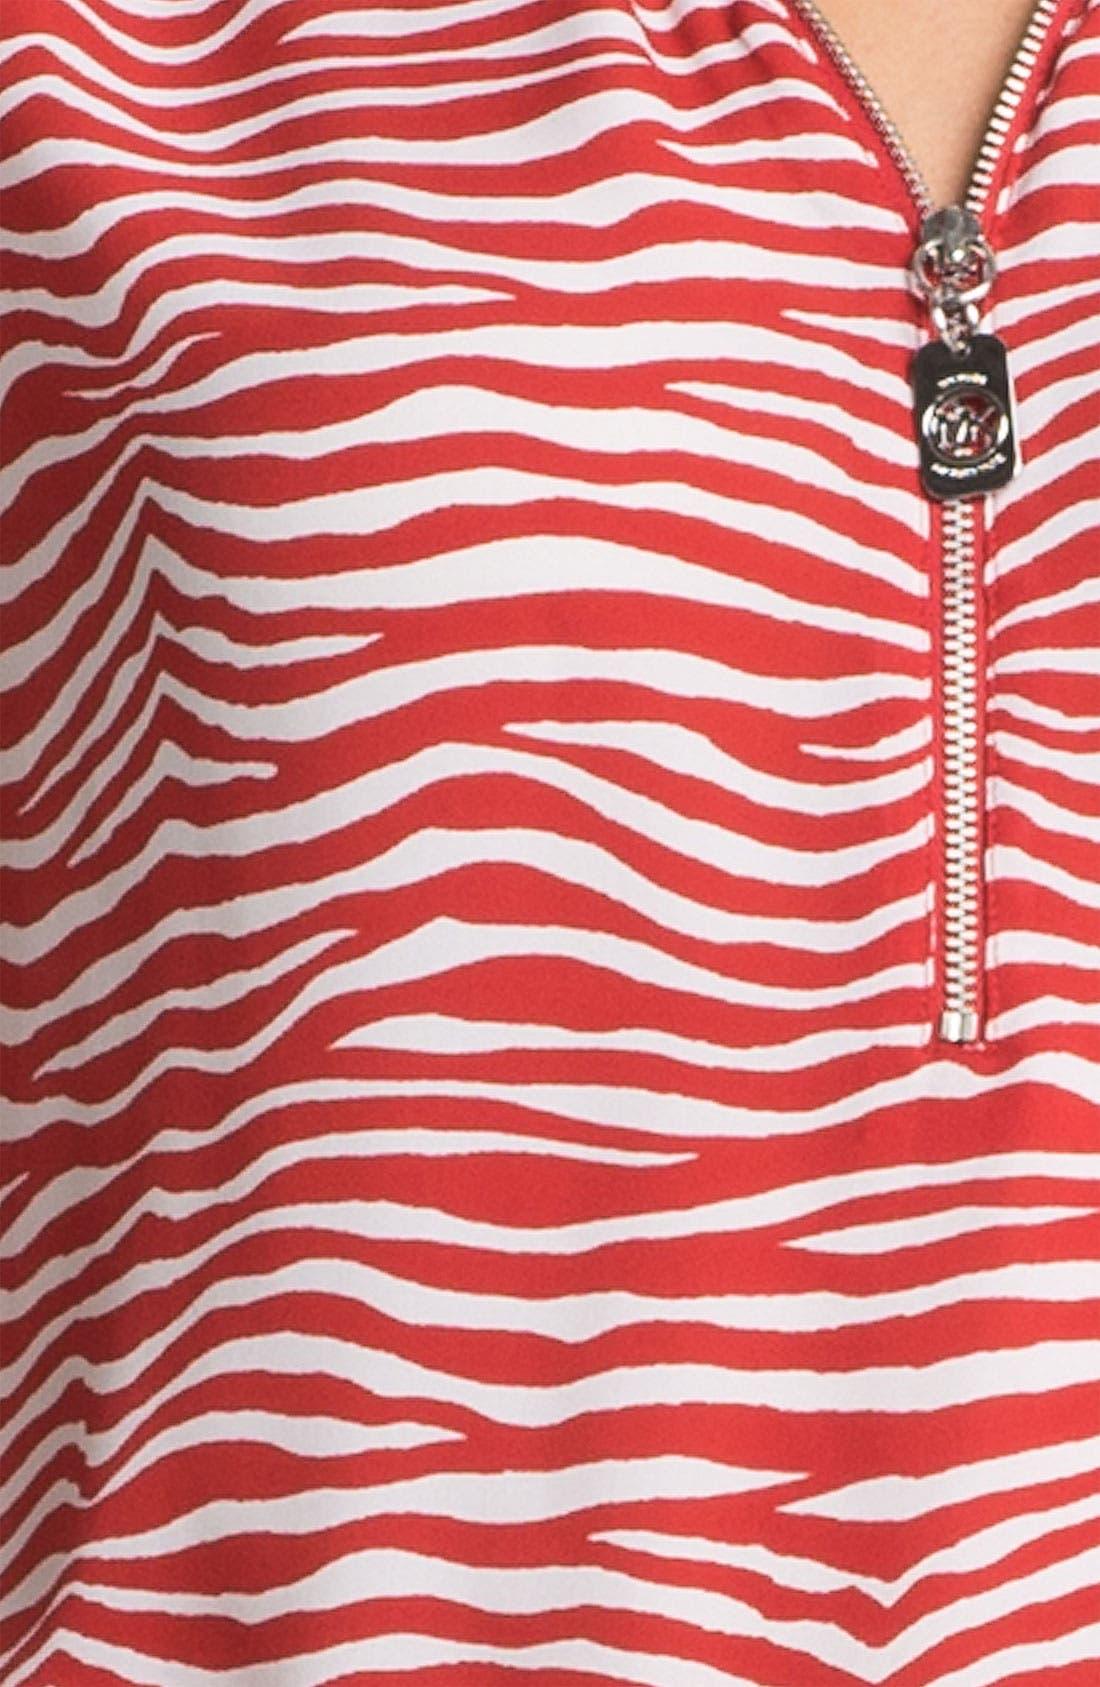 Alternate Image 4  - MICHAEL Michael Kors Zip Neck Top